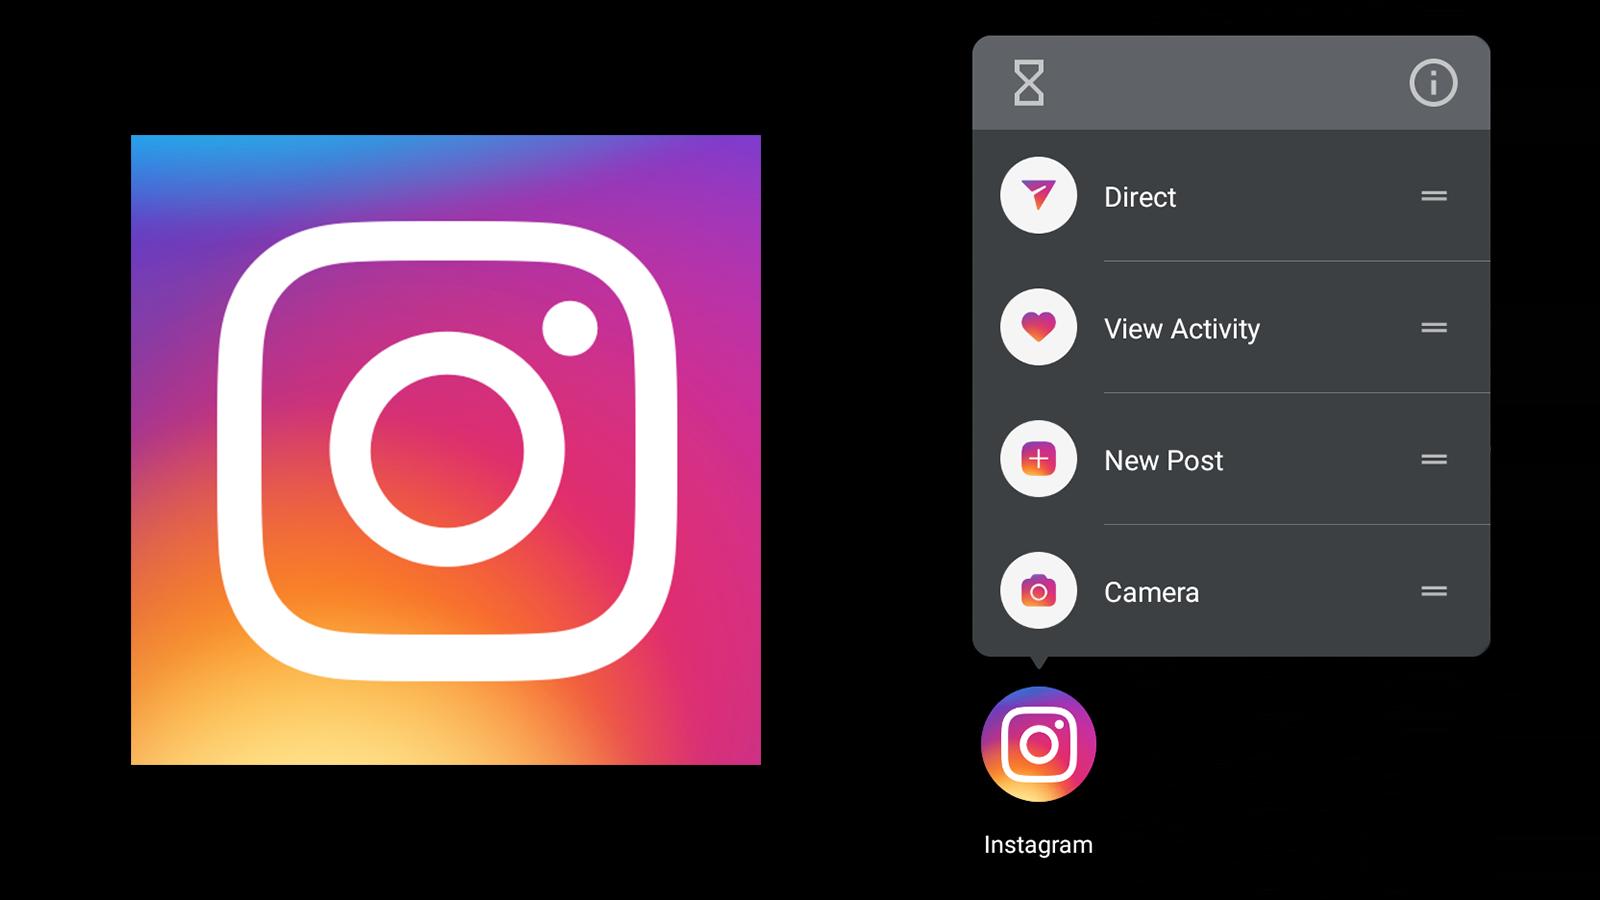 Meningkatkan Omzet di Instagram, Jangan Luput 4 Hal Ini!